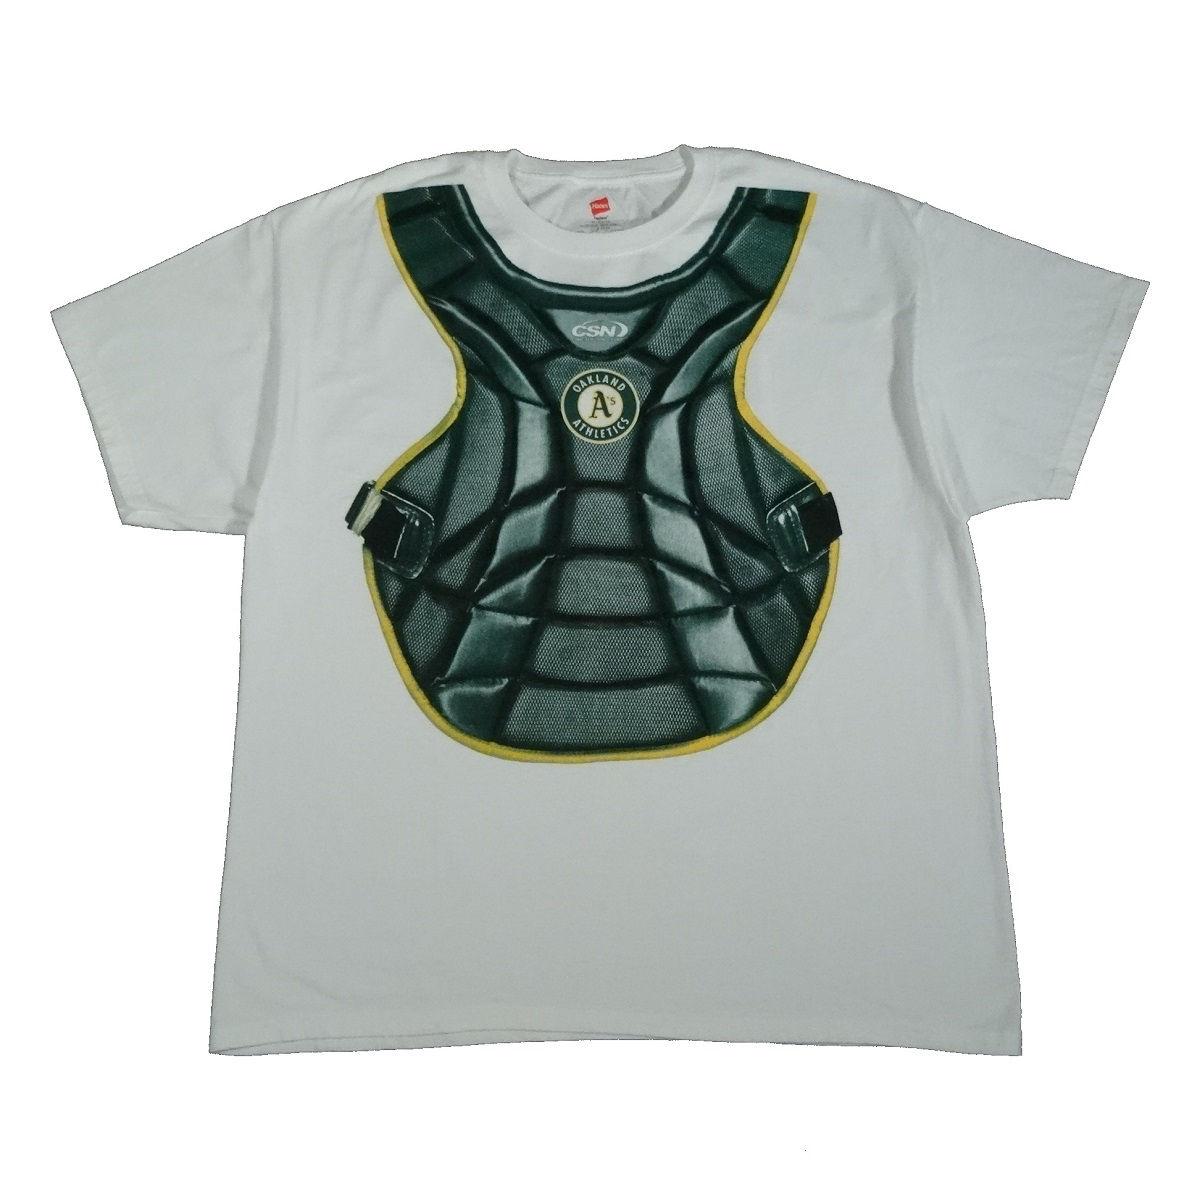 oakland athletics comcast sga t shirt front